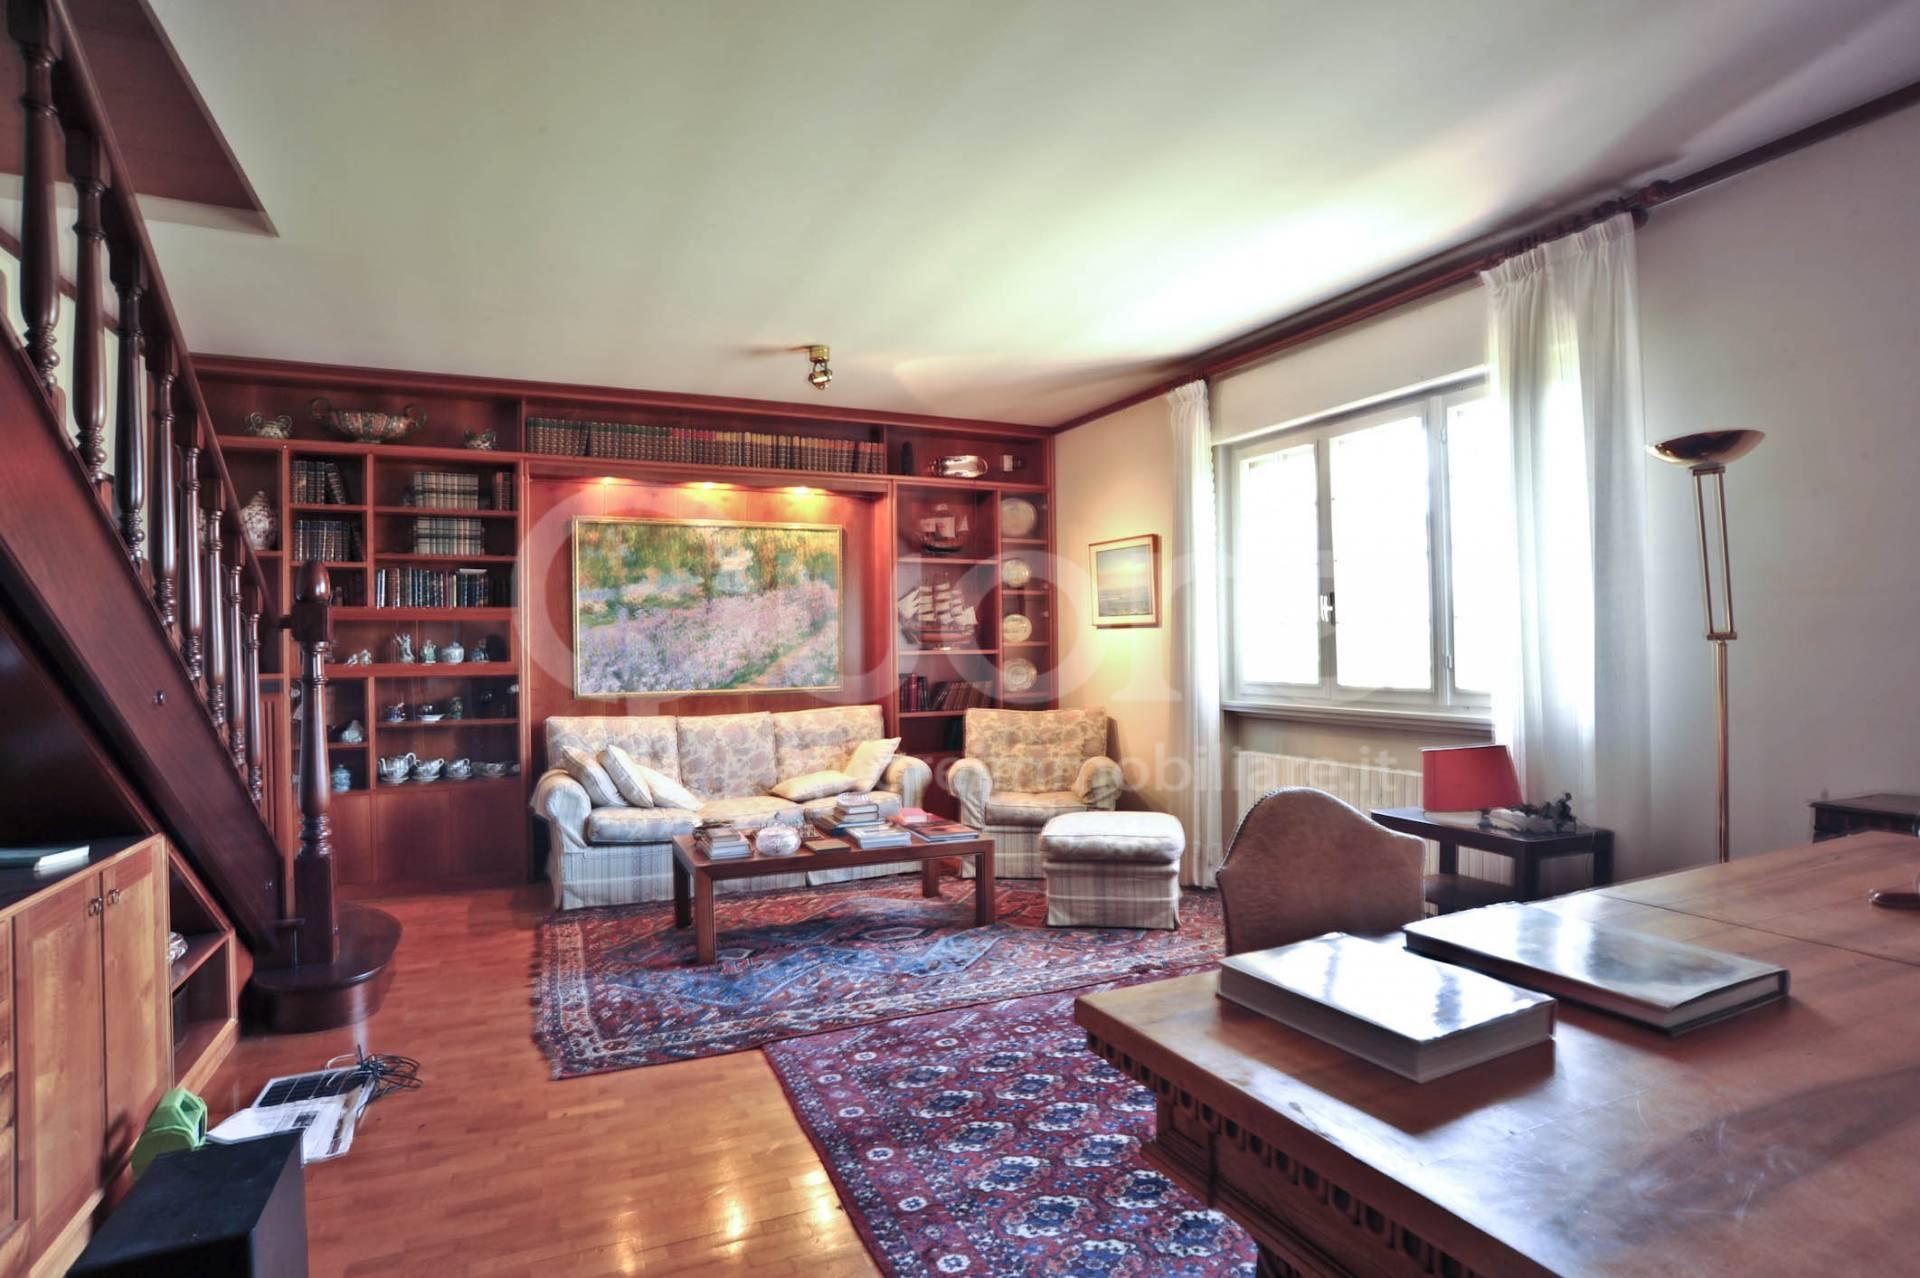 Soluzione Indipendente in vendita a Buia, 5 locali, zona Località: Buia, prezzo € 250.000 | CambioCasa.it